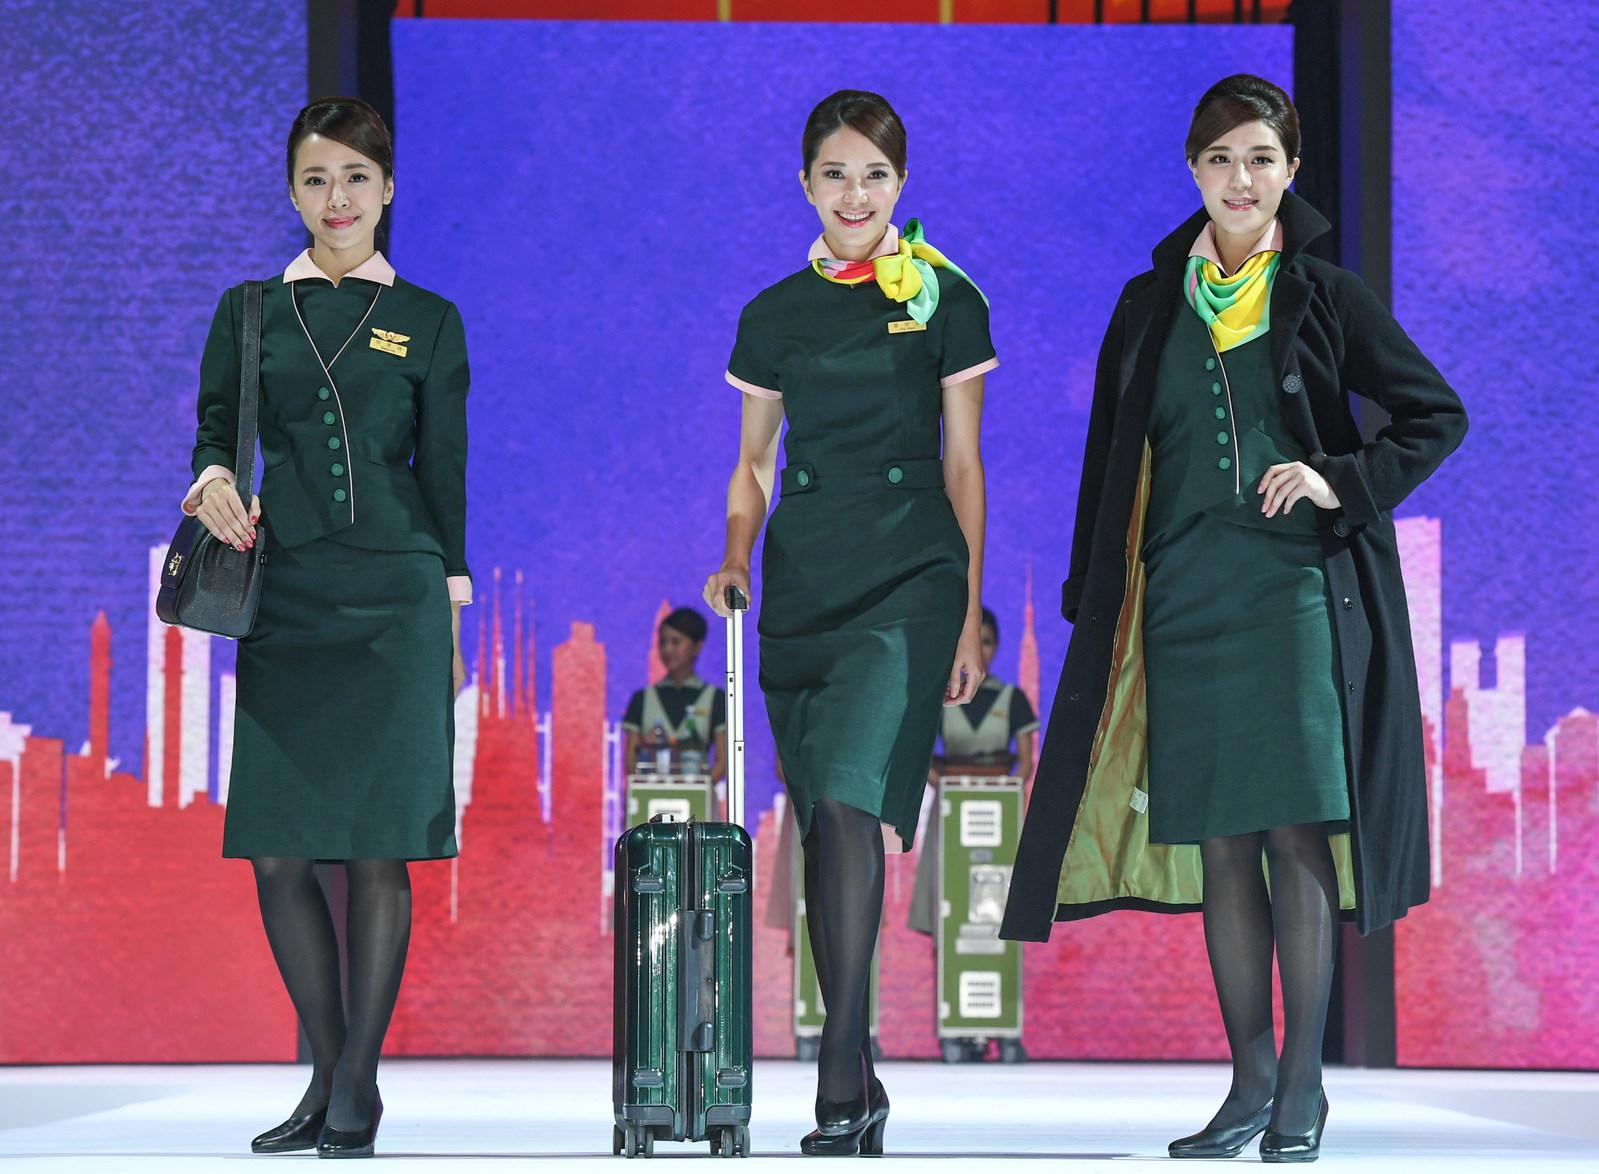 The new EVA Air uniforms (photo courtesy of EVA Air).